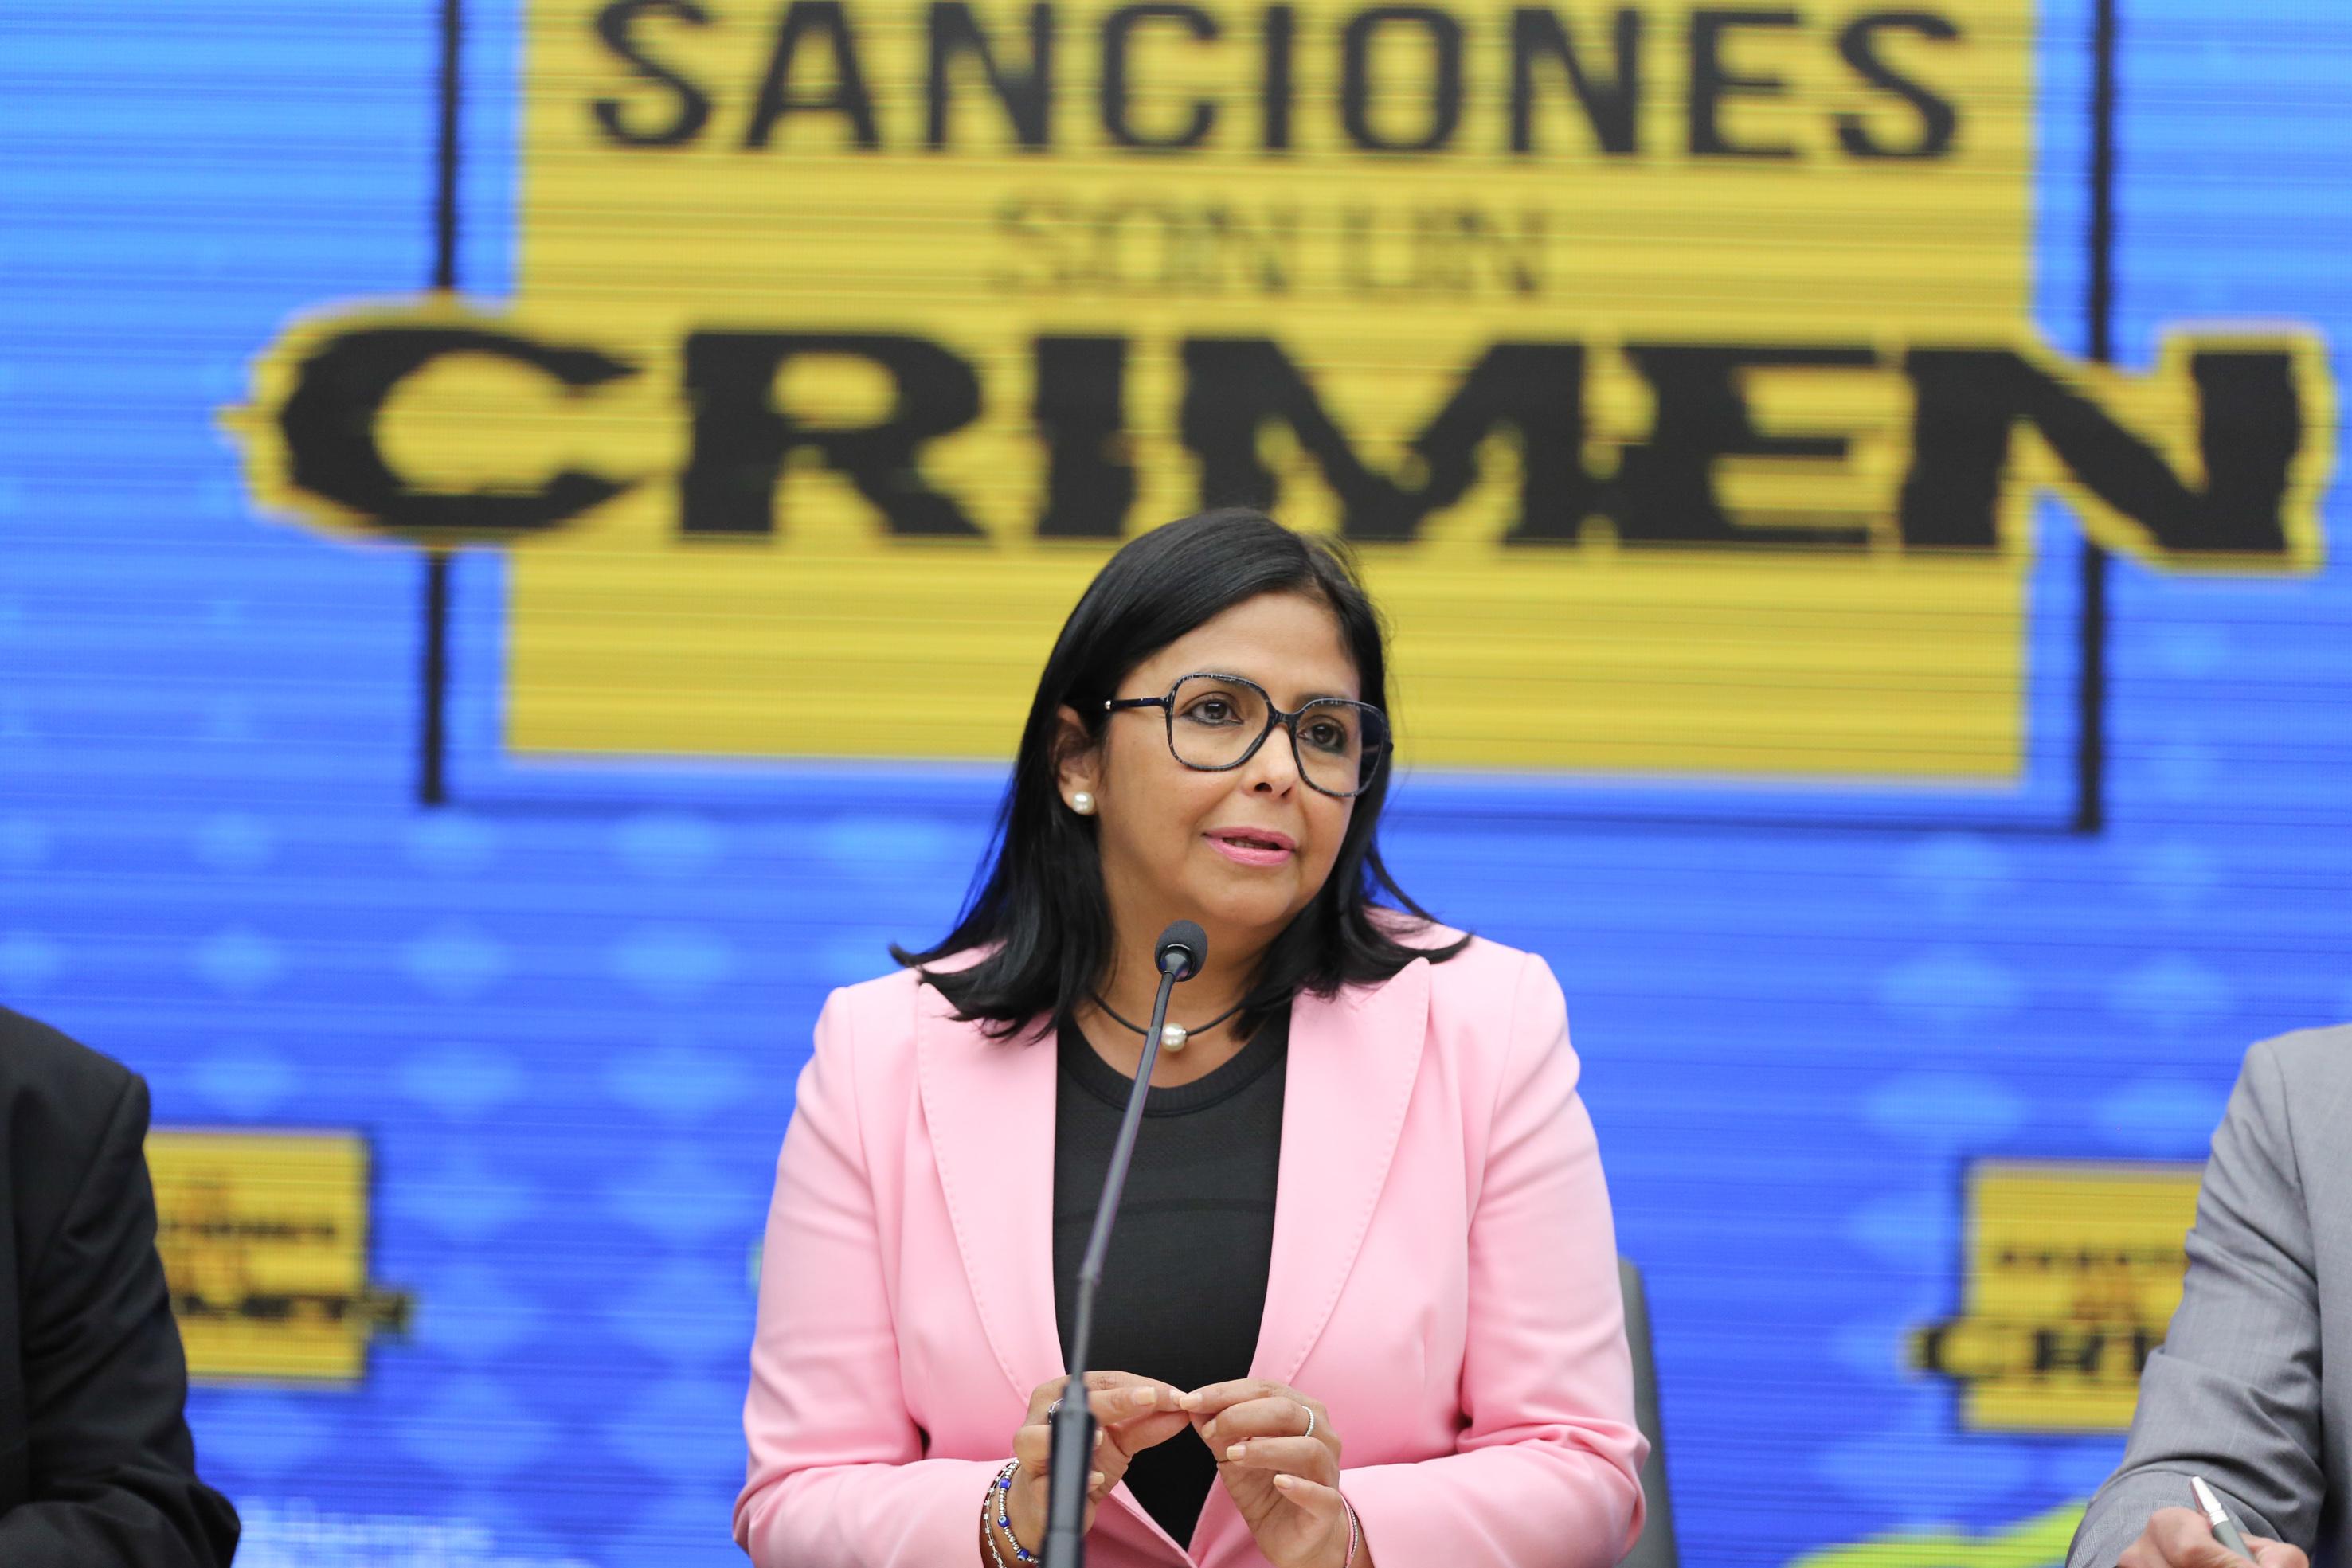 """Vicepresidenta ejecutiva, Delcy Rodríguez: """"Por primera vez se está presentando un caso donde se demuestra que las medidas coercitivas impuestas por EEUU contra Venezuela constituyen un delito de lesa humanidad"""""""